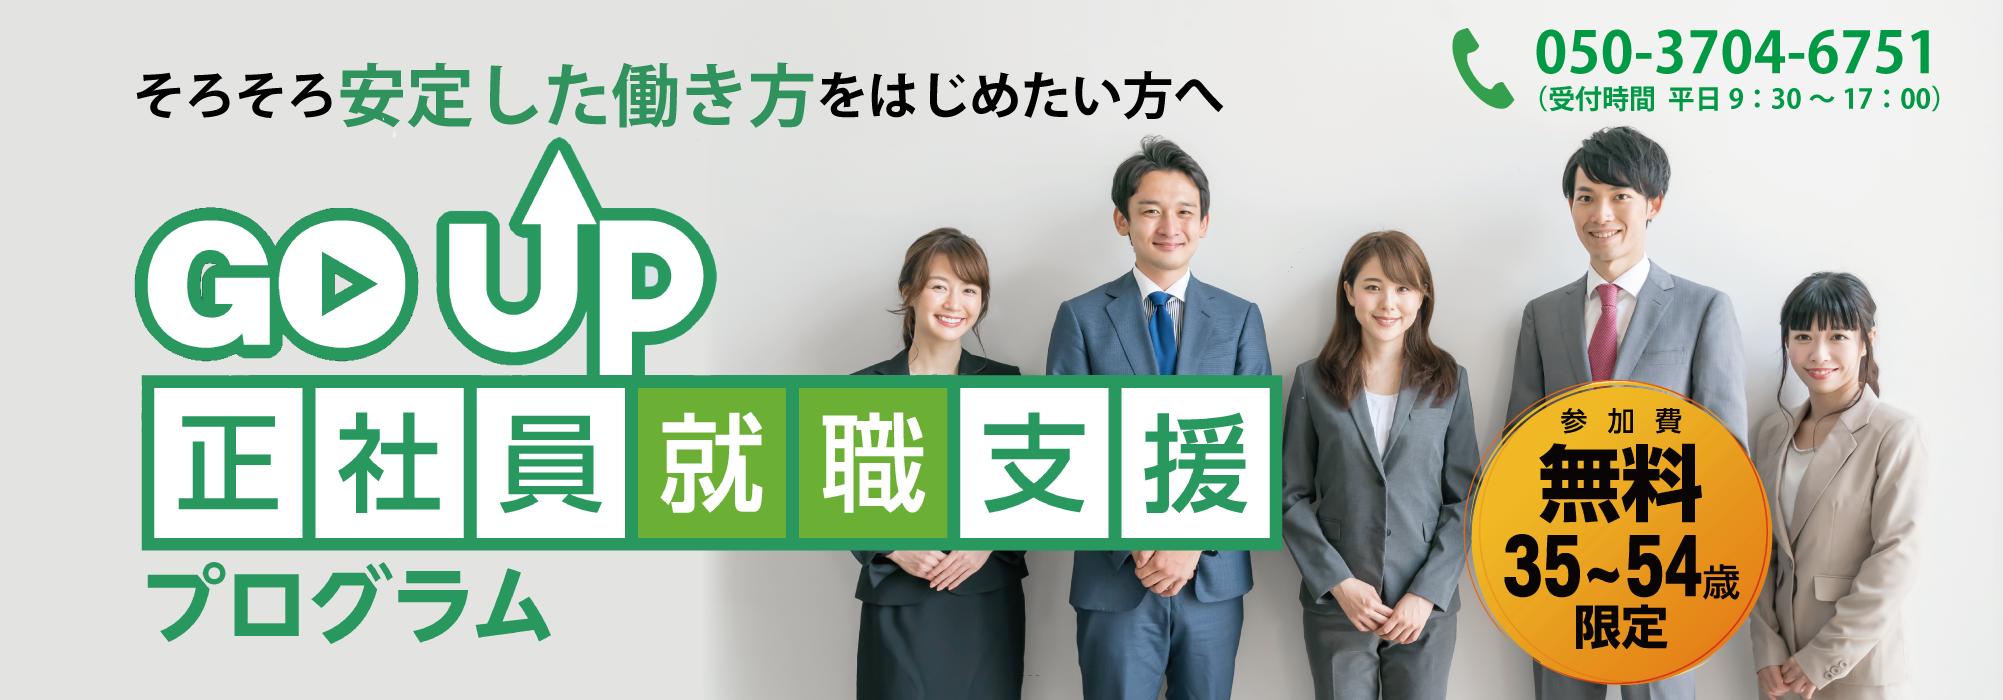 20201022神奈川メインビジュアルver4